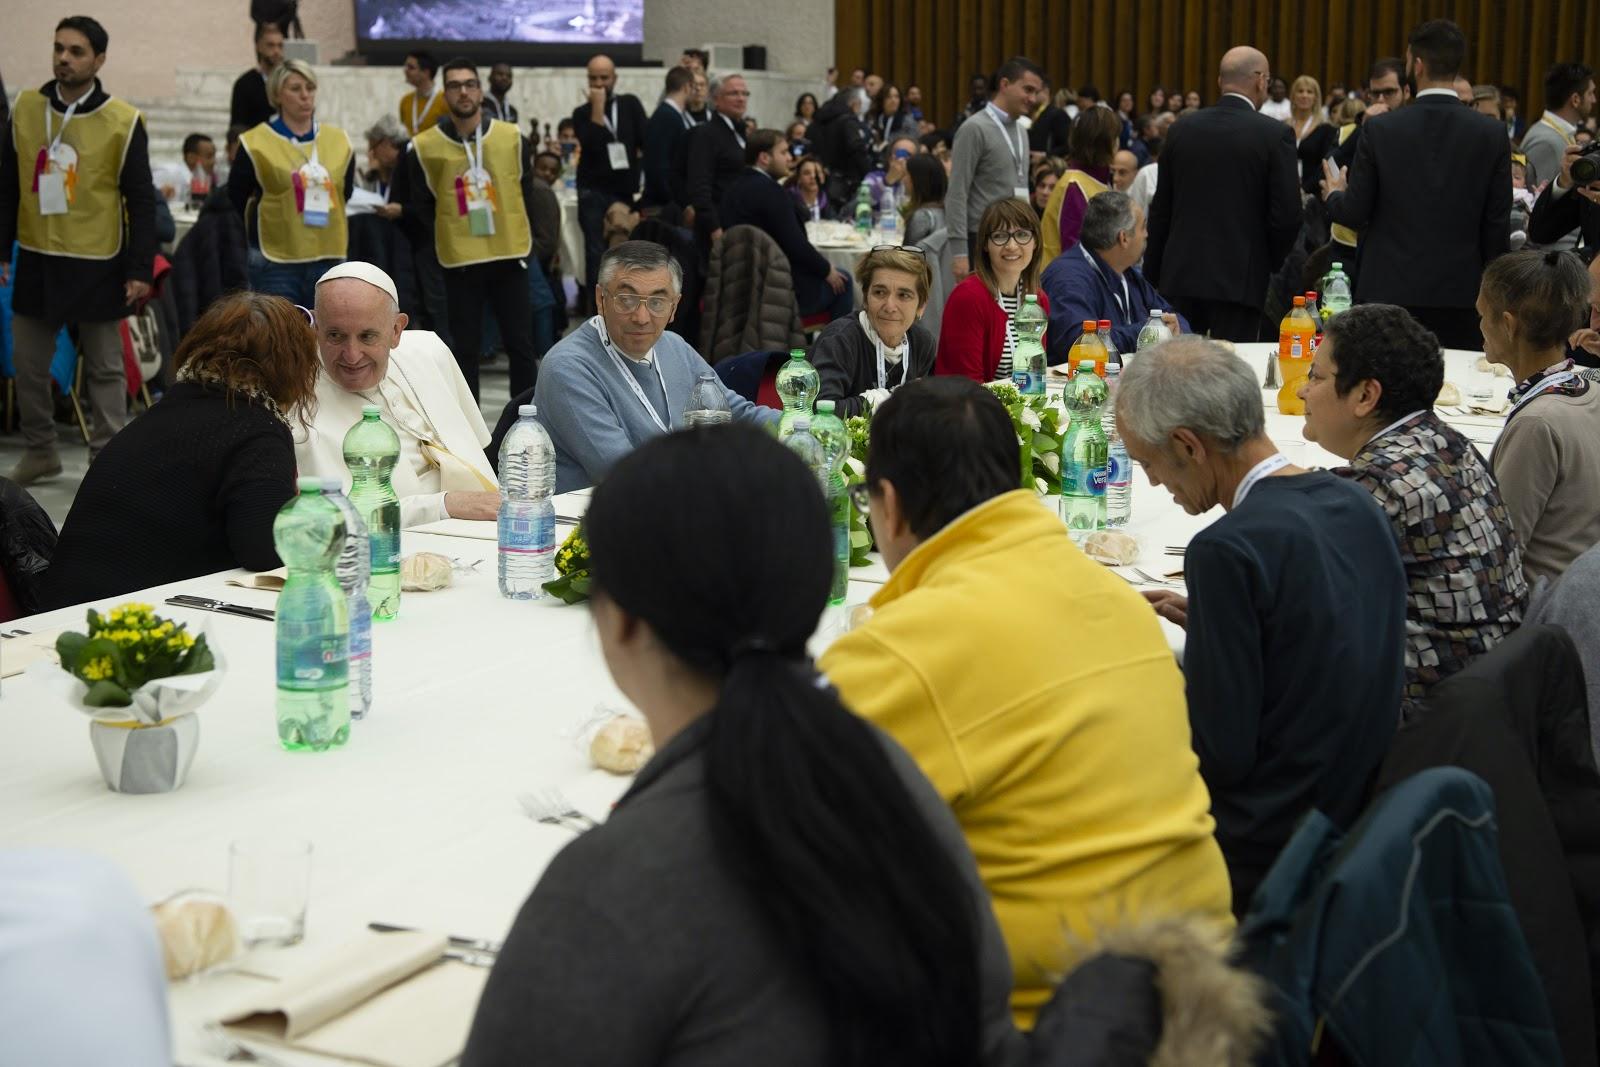 Ngày quốc tế người nghèo: Đức Thánh Cha sẽ dùng bữa trưa với 1.500 khách mời